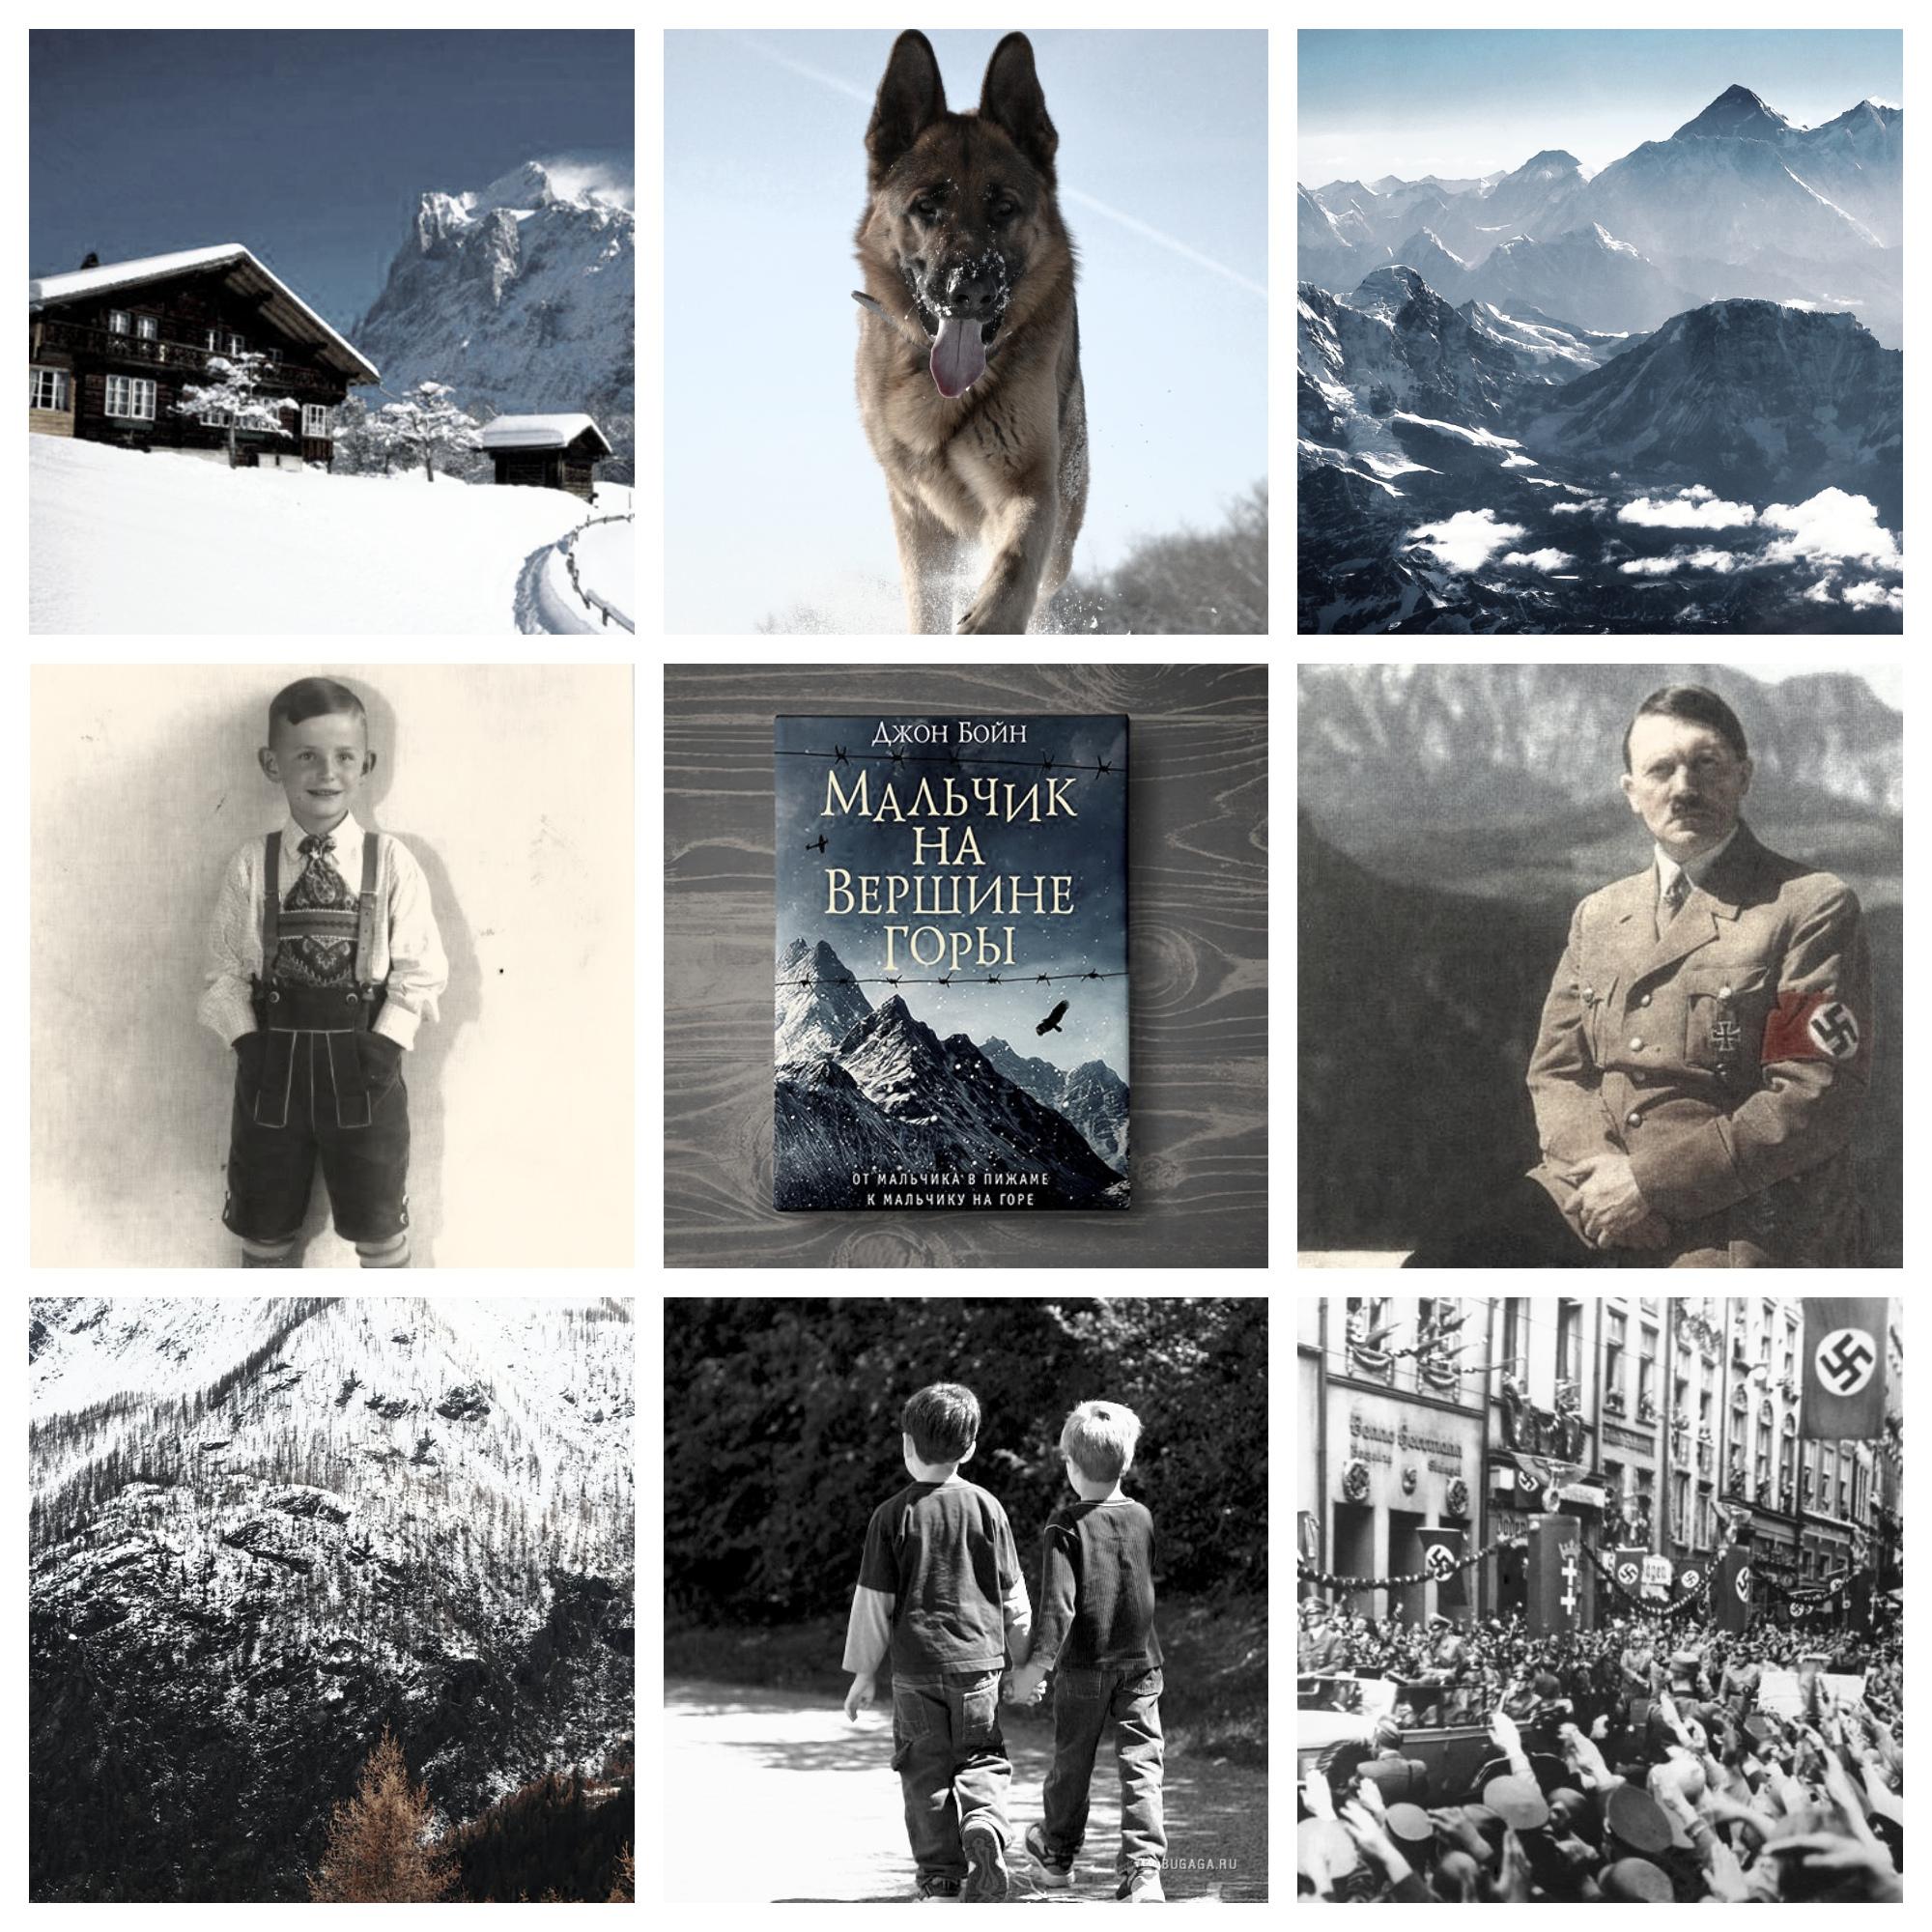 Картинки по запросу мальчик на вершине горы